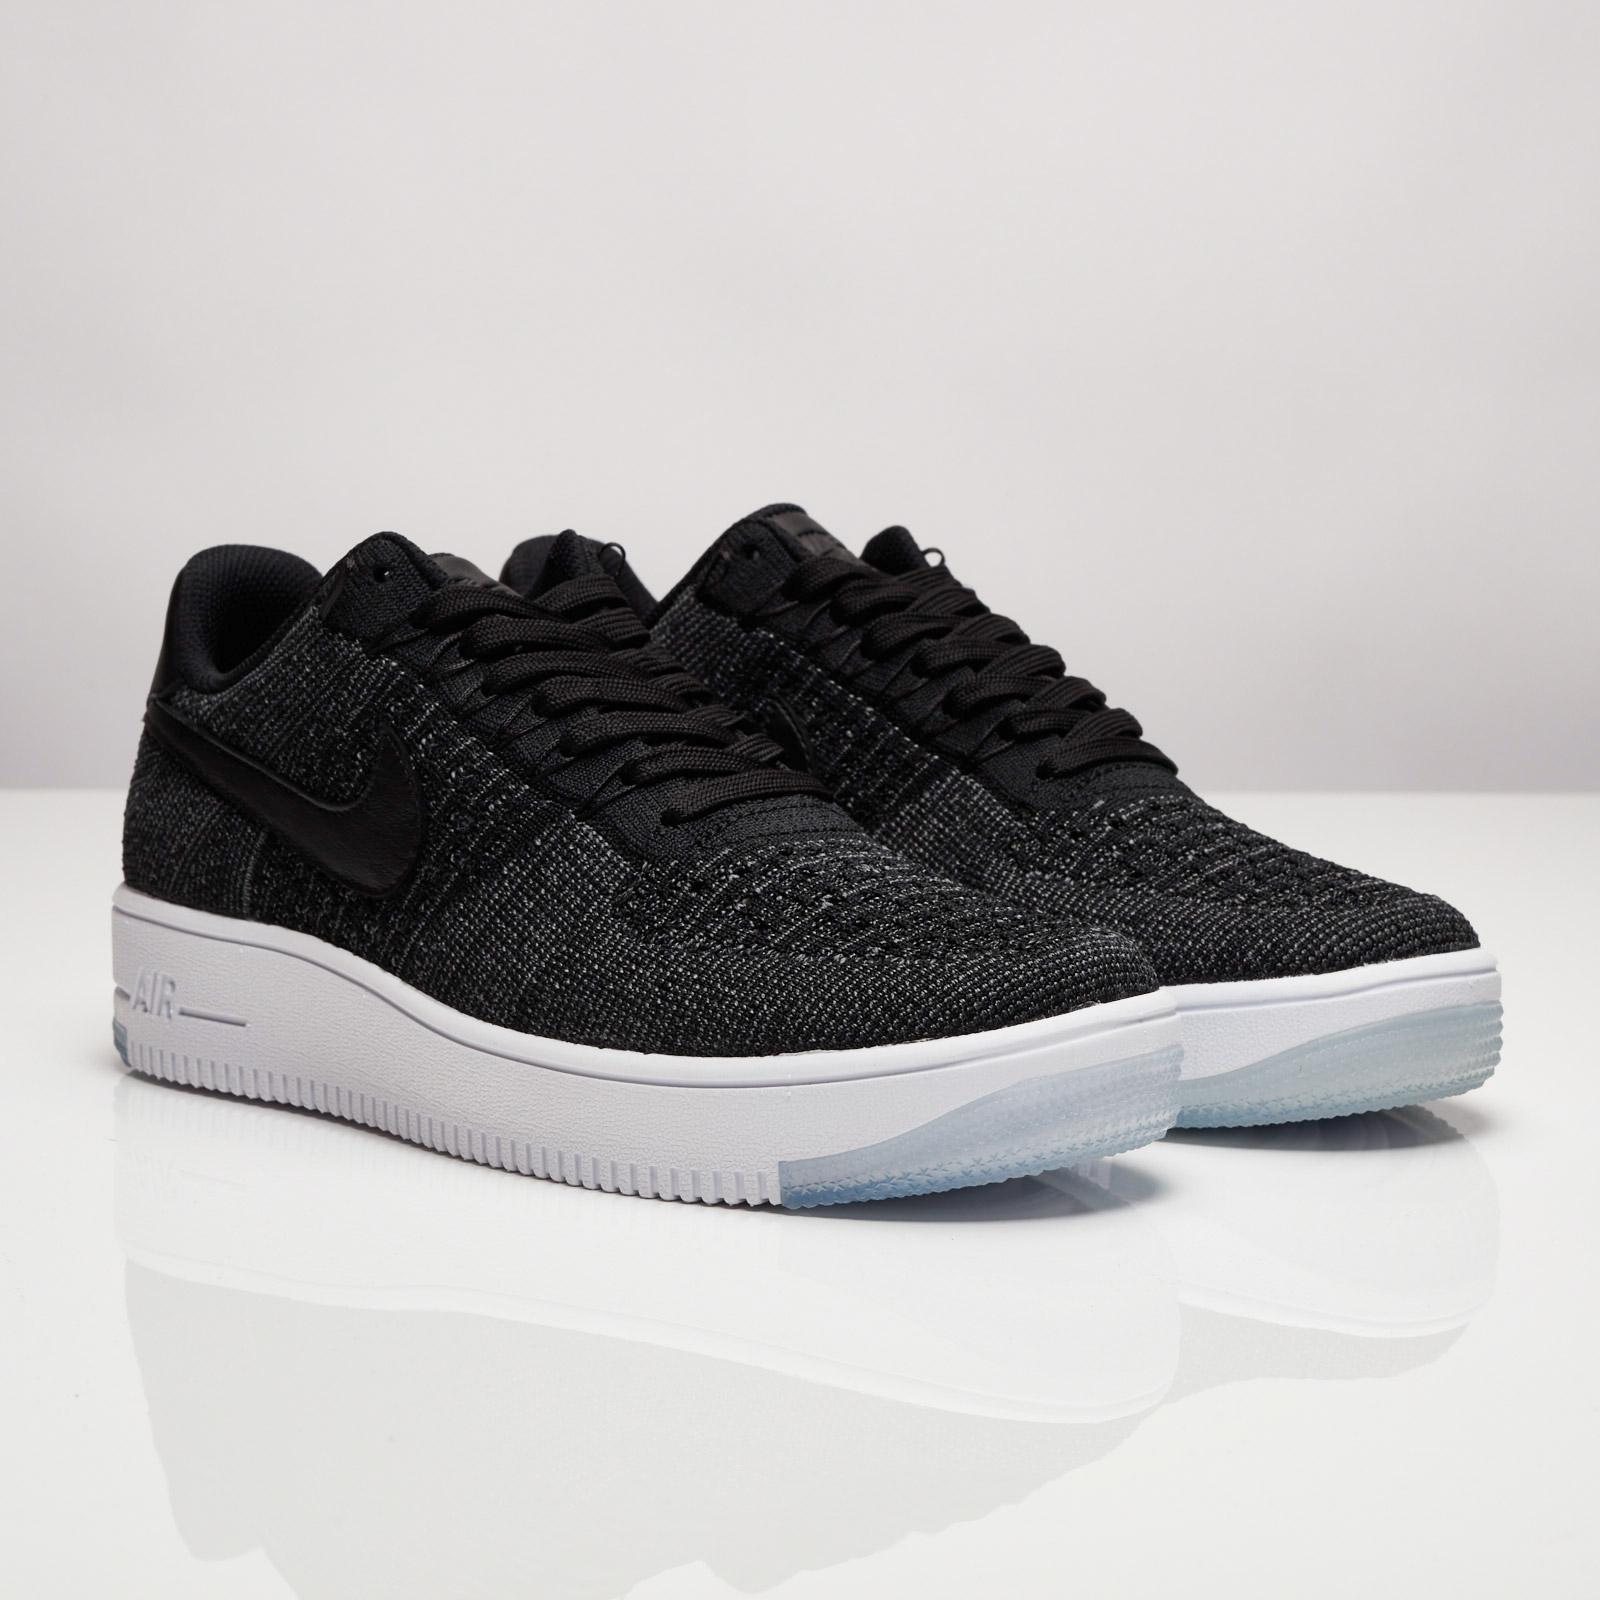 Nike AF1 Ultra Flyknit Low 817419 004 Sneakersnstuff